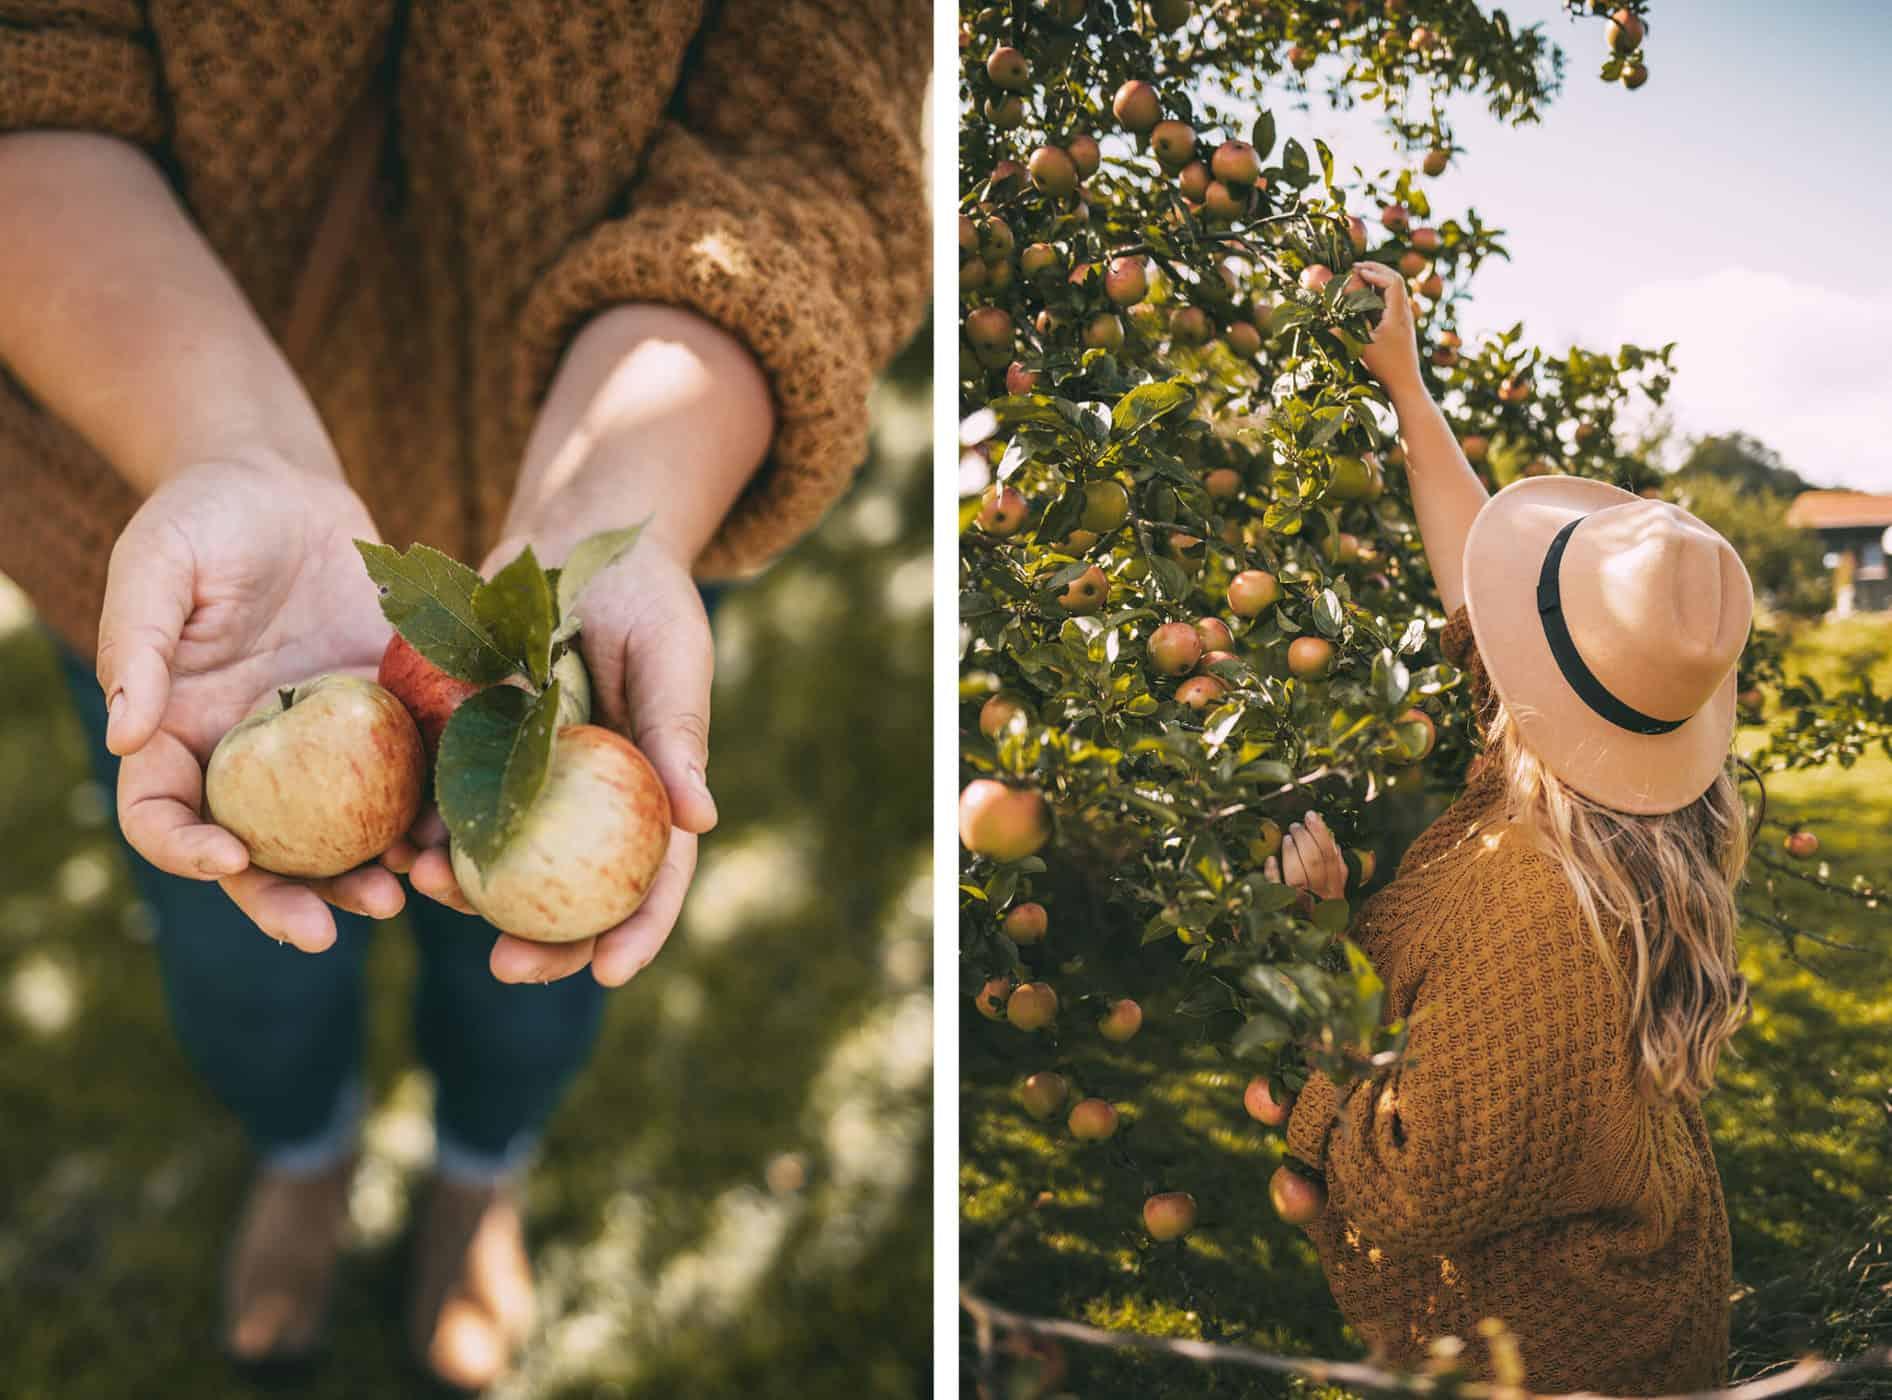 Herbst an der Schlei Tipps Herbstferien Schleswig-Holstein: Apfelbäume